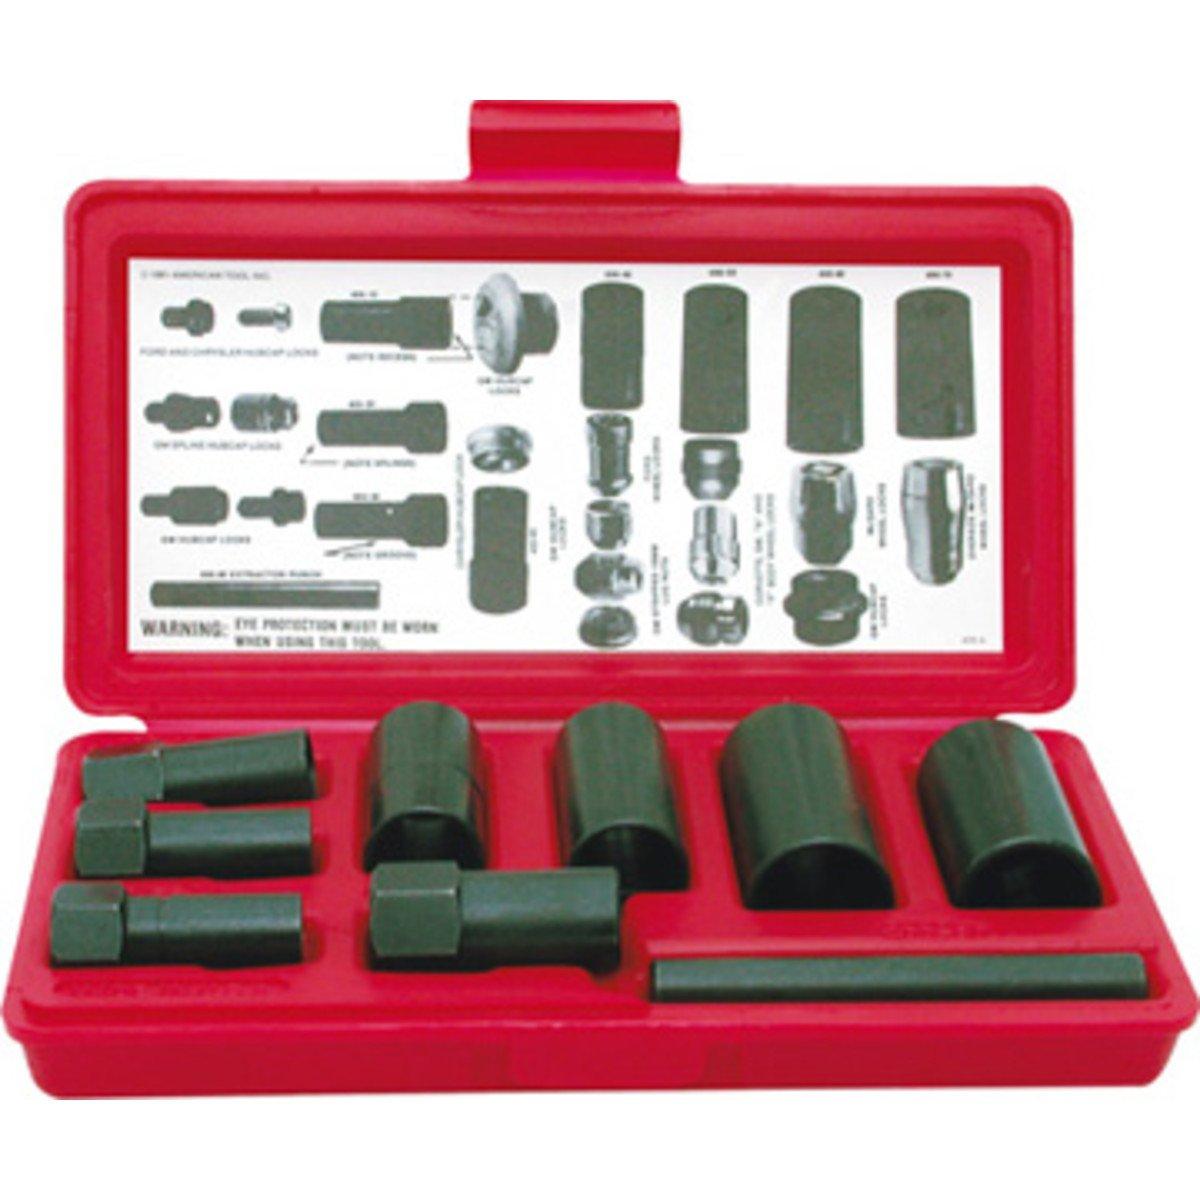 STEELMAN 75032 9-Piece Hubcap and Wheel Lock Removal Kit by Steelman